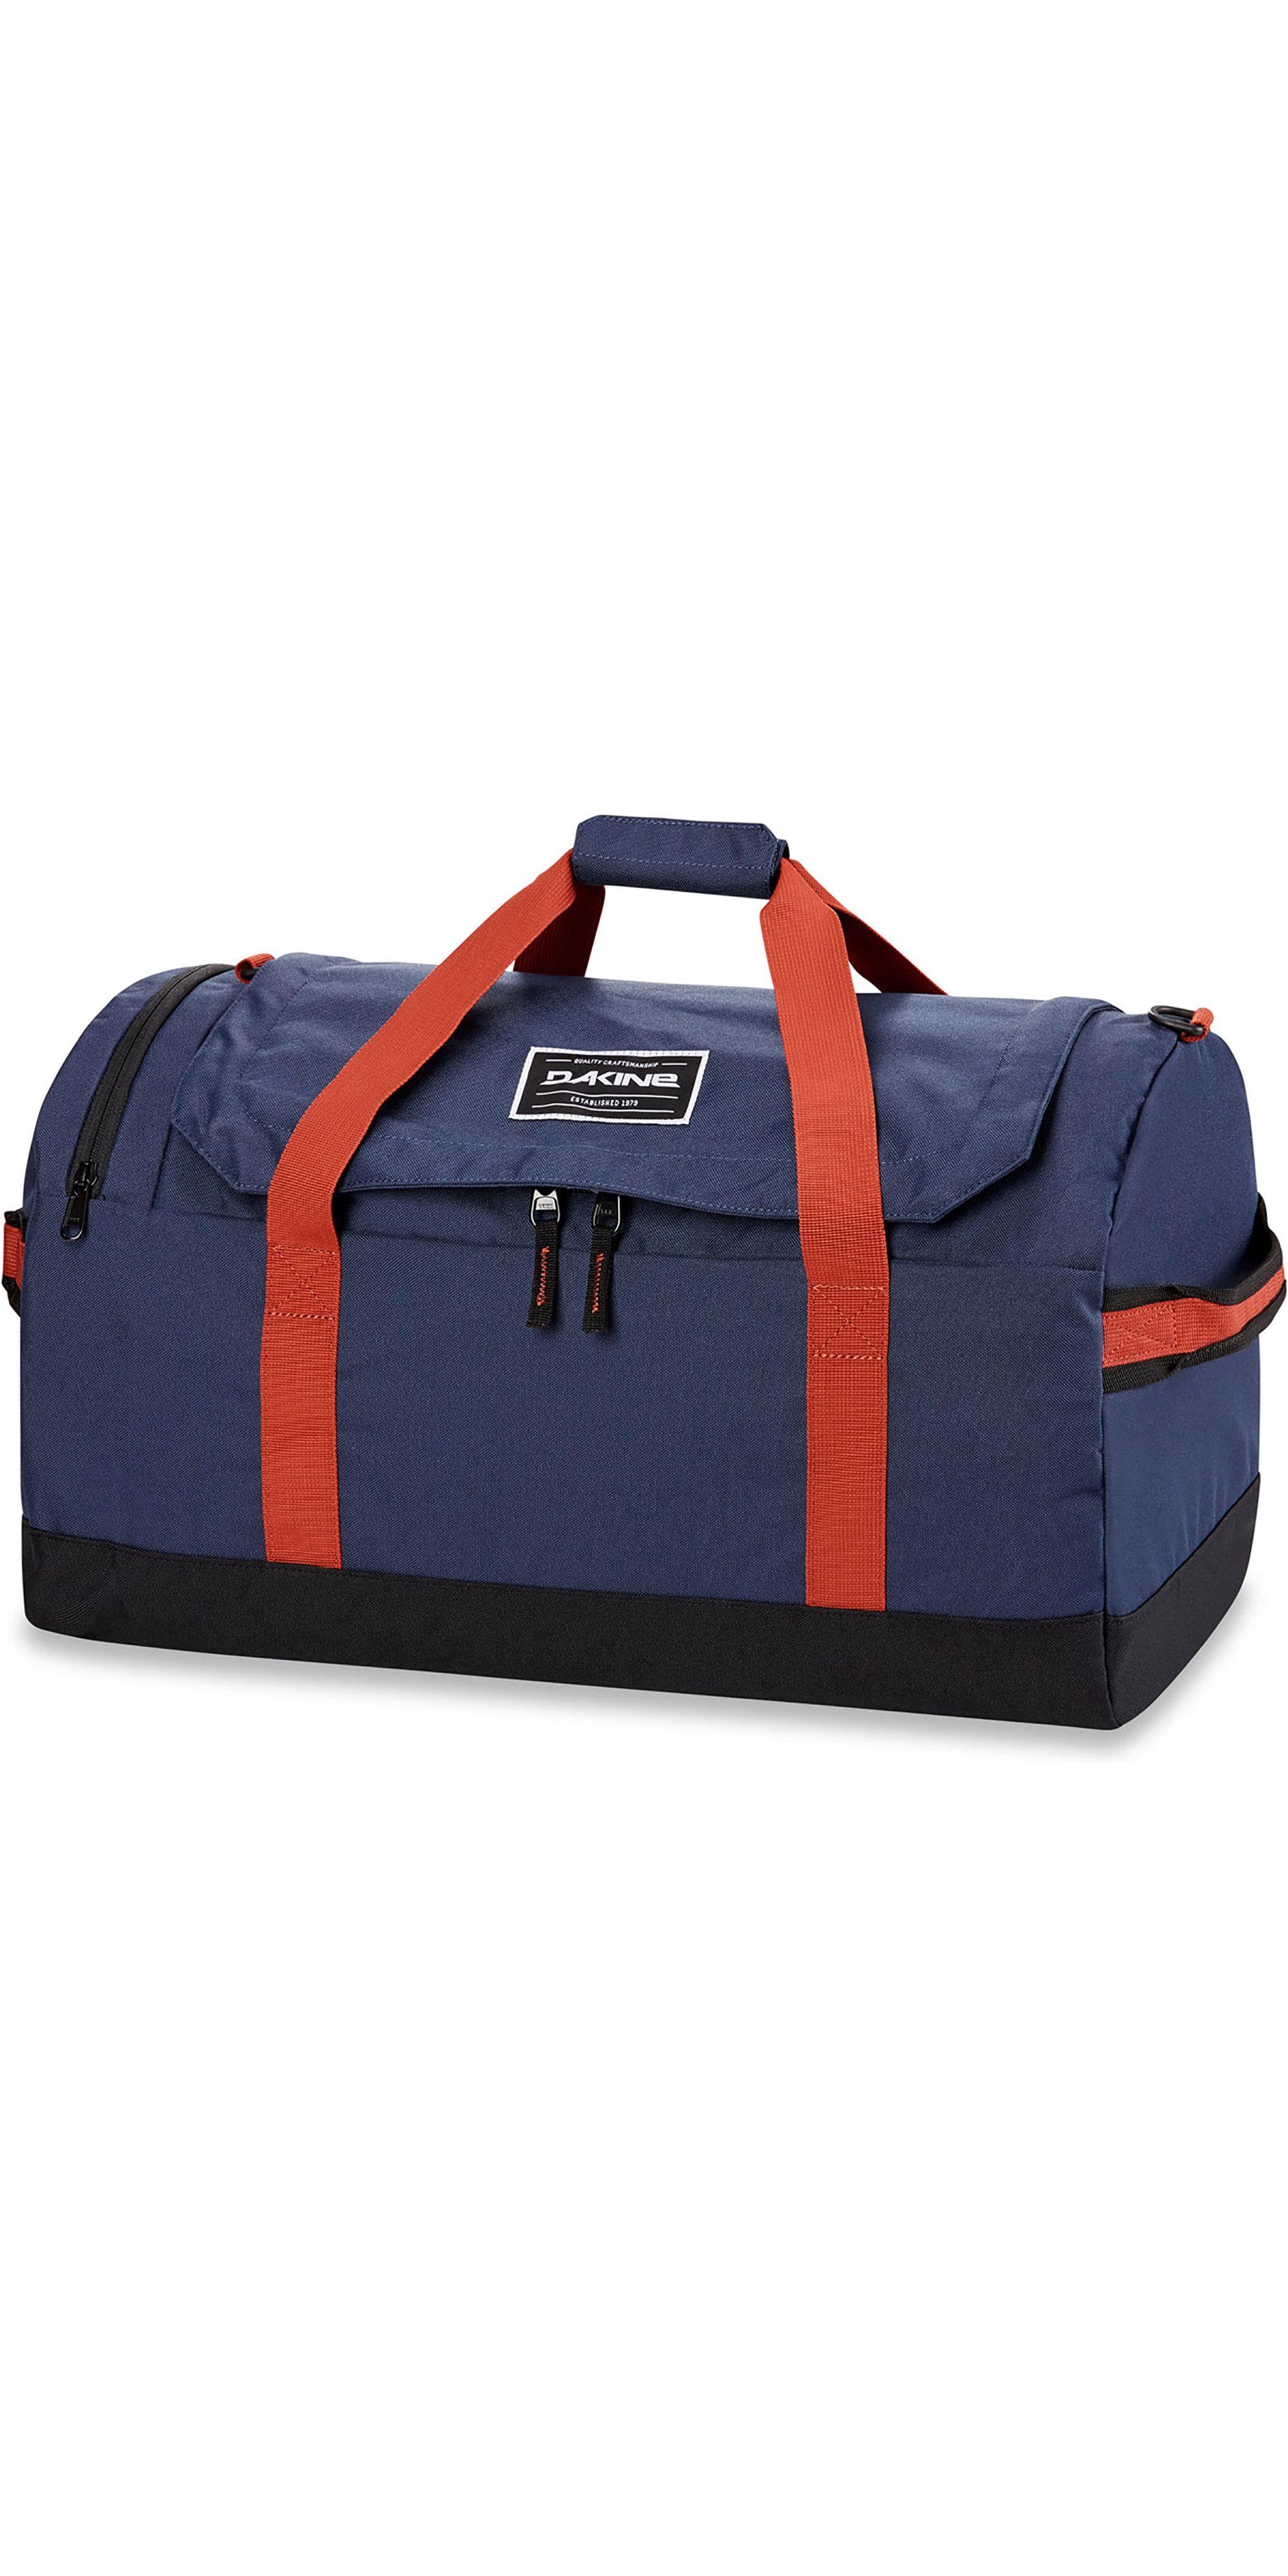 f3505b13f081 2019 Dakine EQ Duffle Bag 50L Dark Navy 10002061